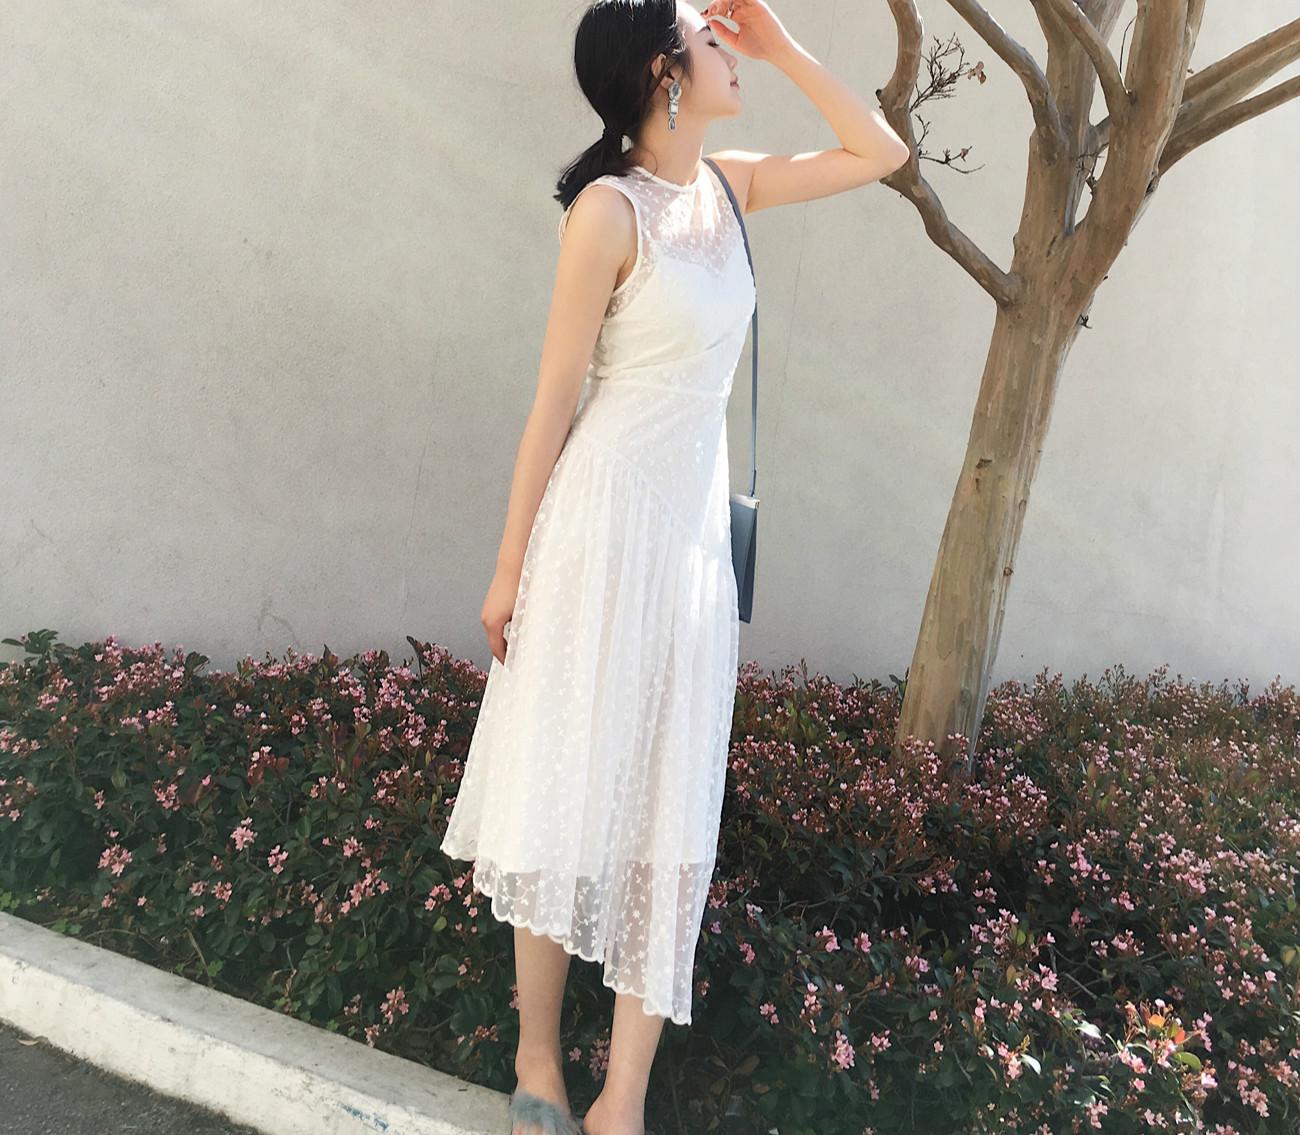 穿上浪漫的连衣裙告别路人感 服装 第2张